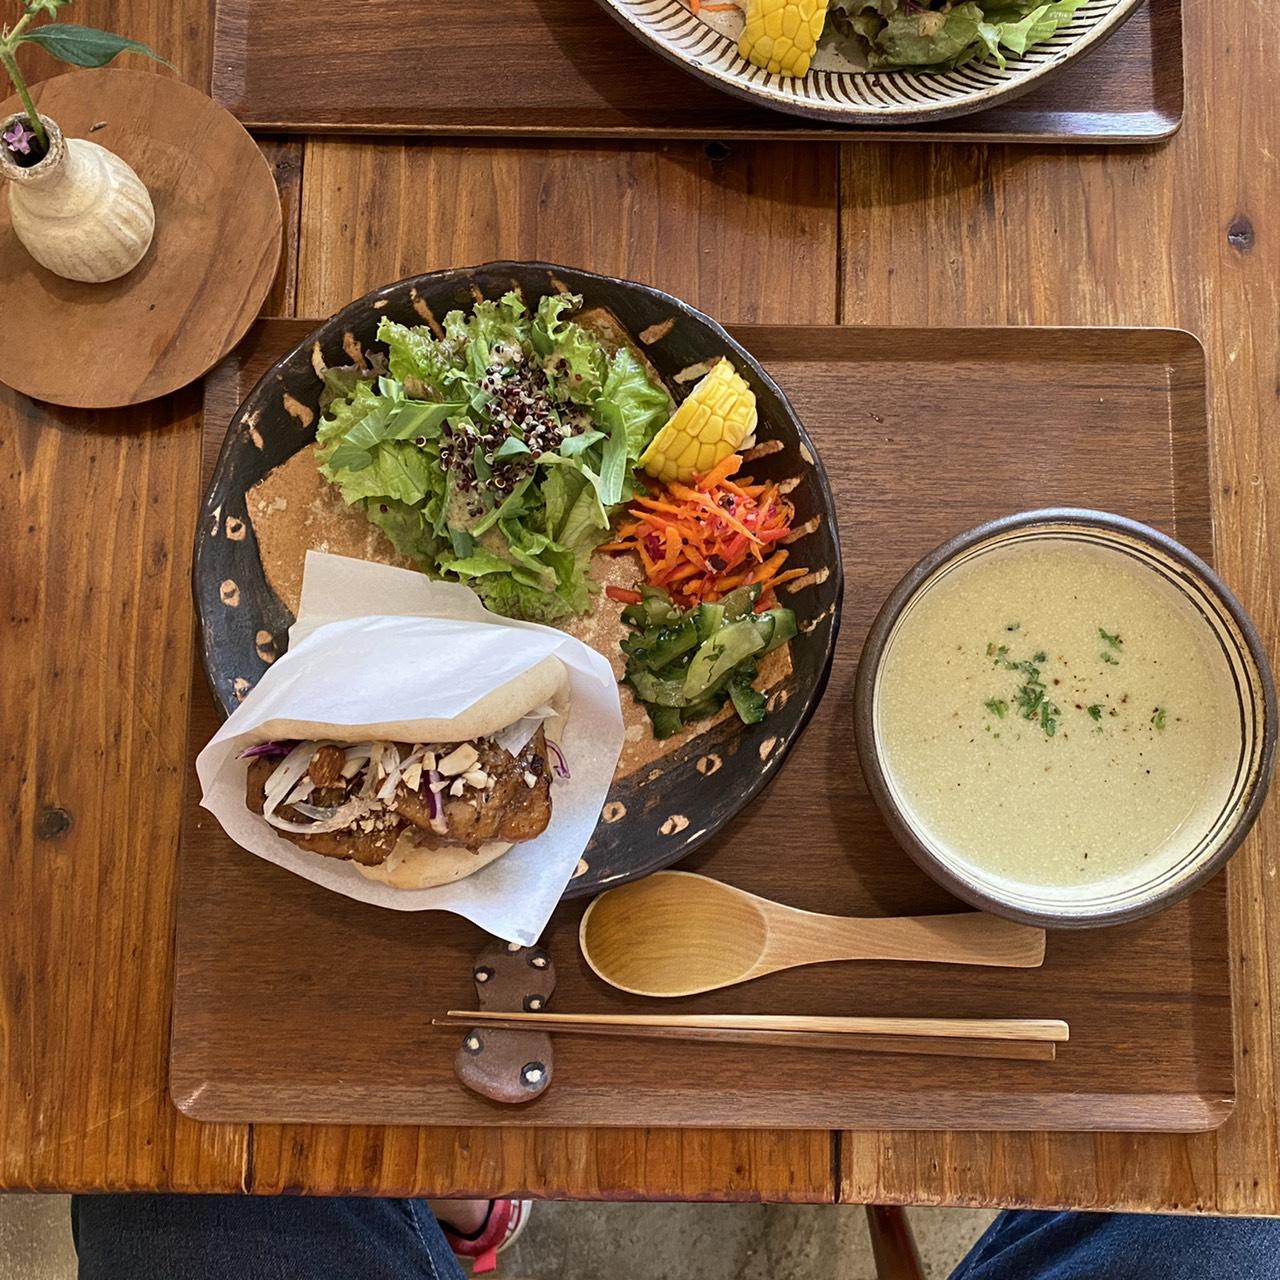 【エフエム那覇のランチ日記】#5 自然食とおやつ mana